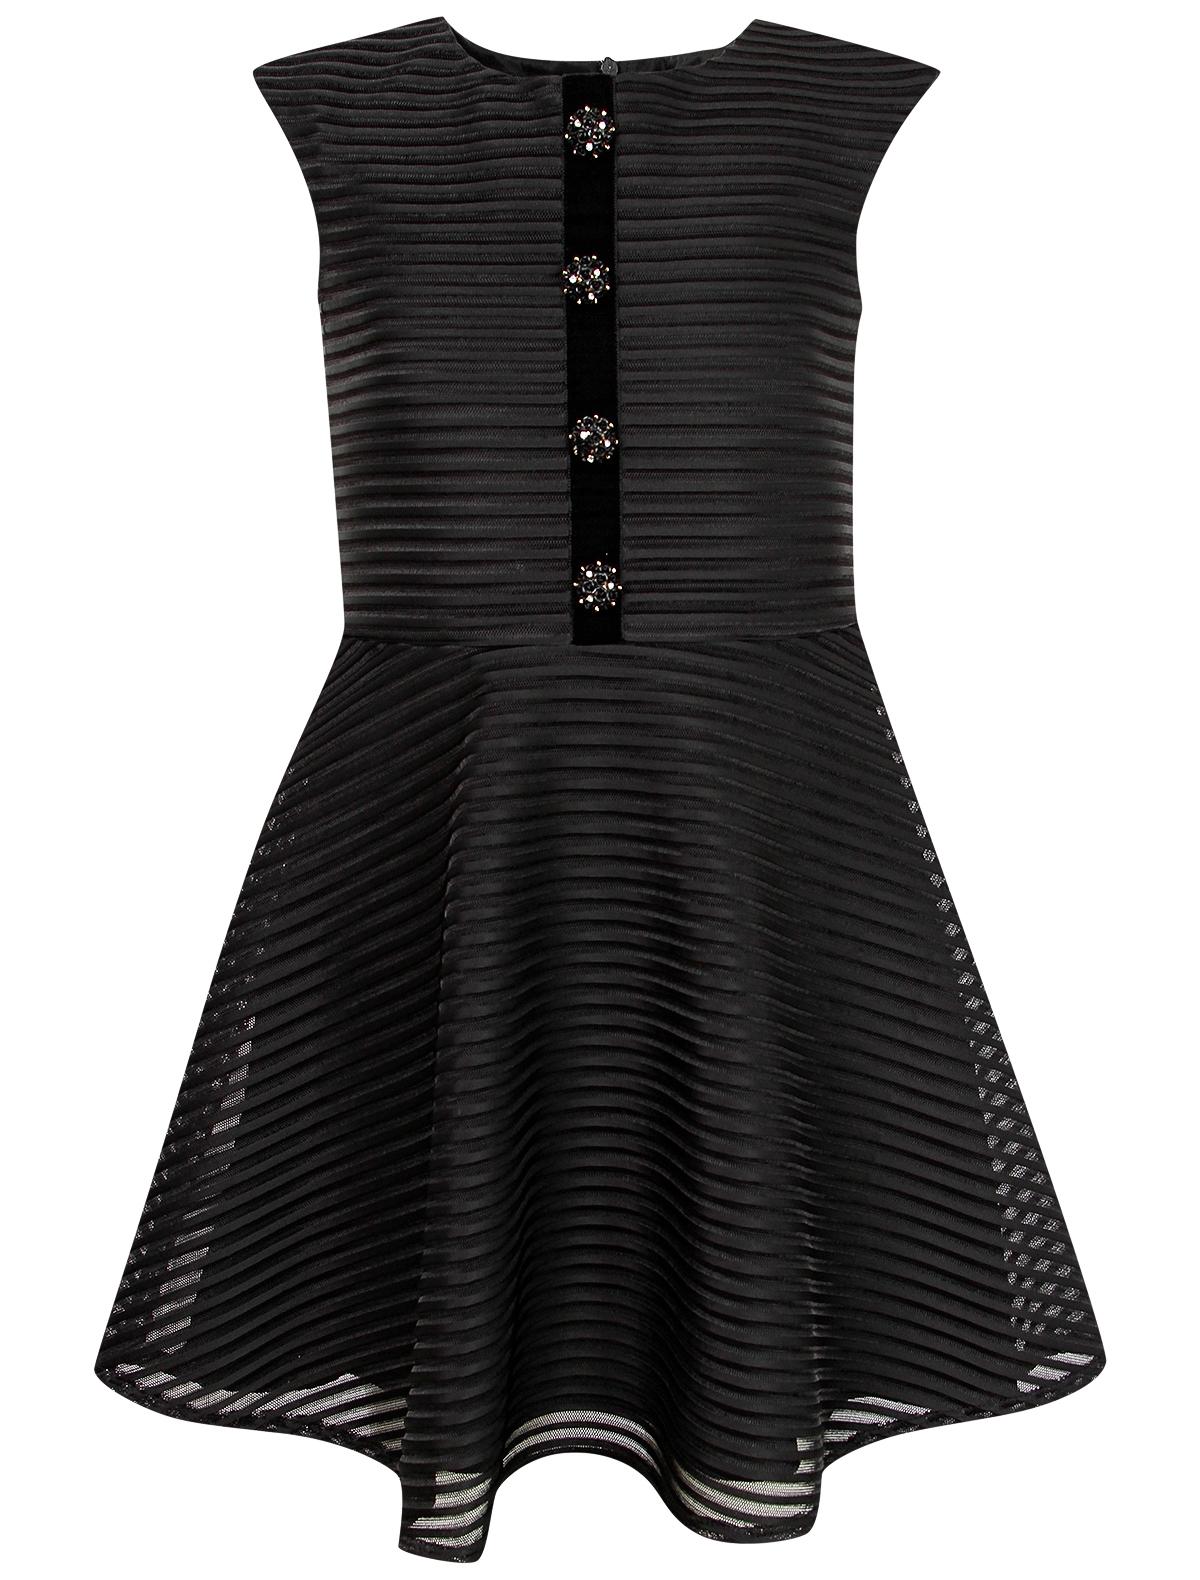 Купить 2125828, Платье David Charles, черный, Женский, 1051109980587